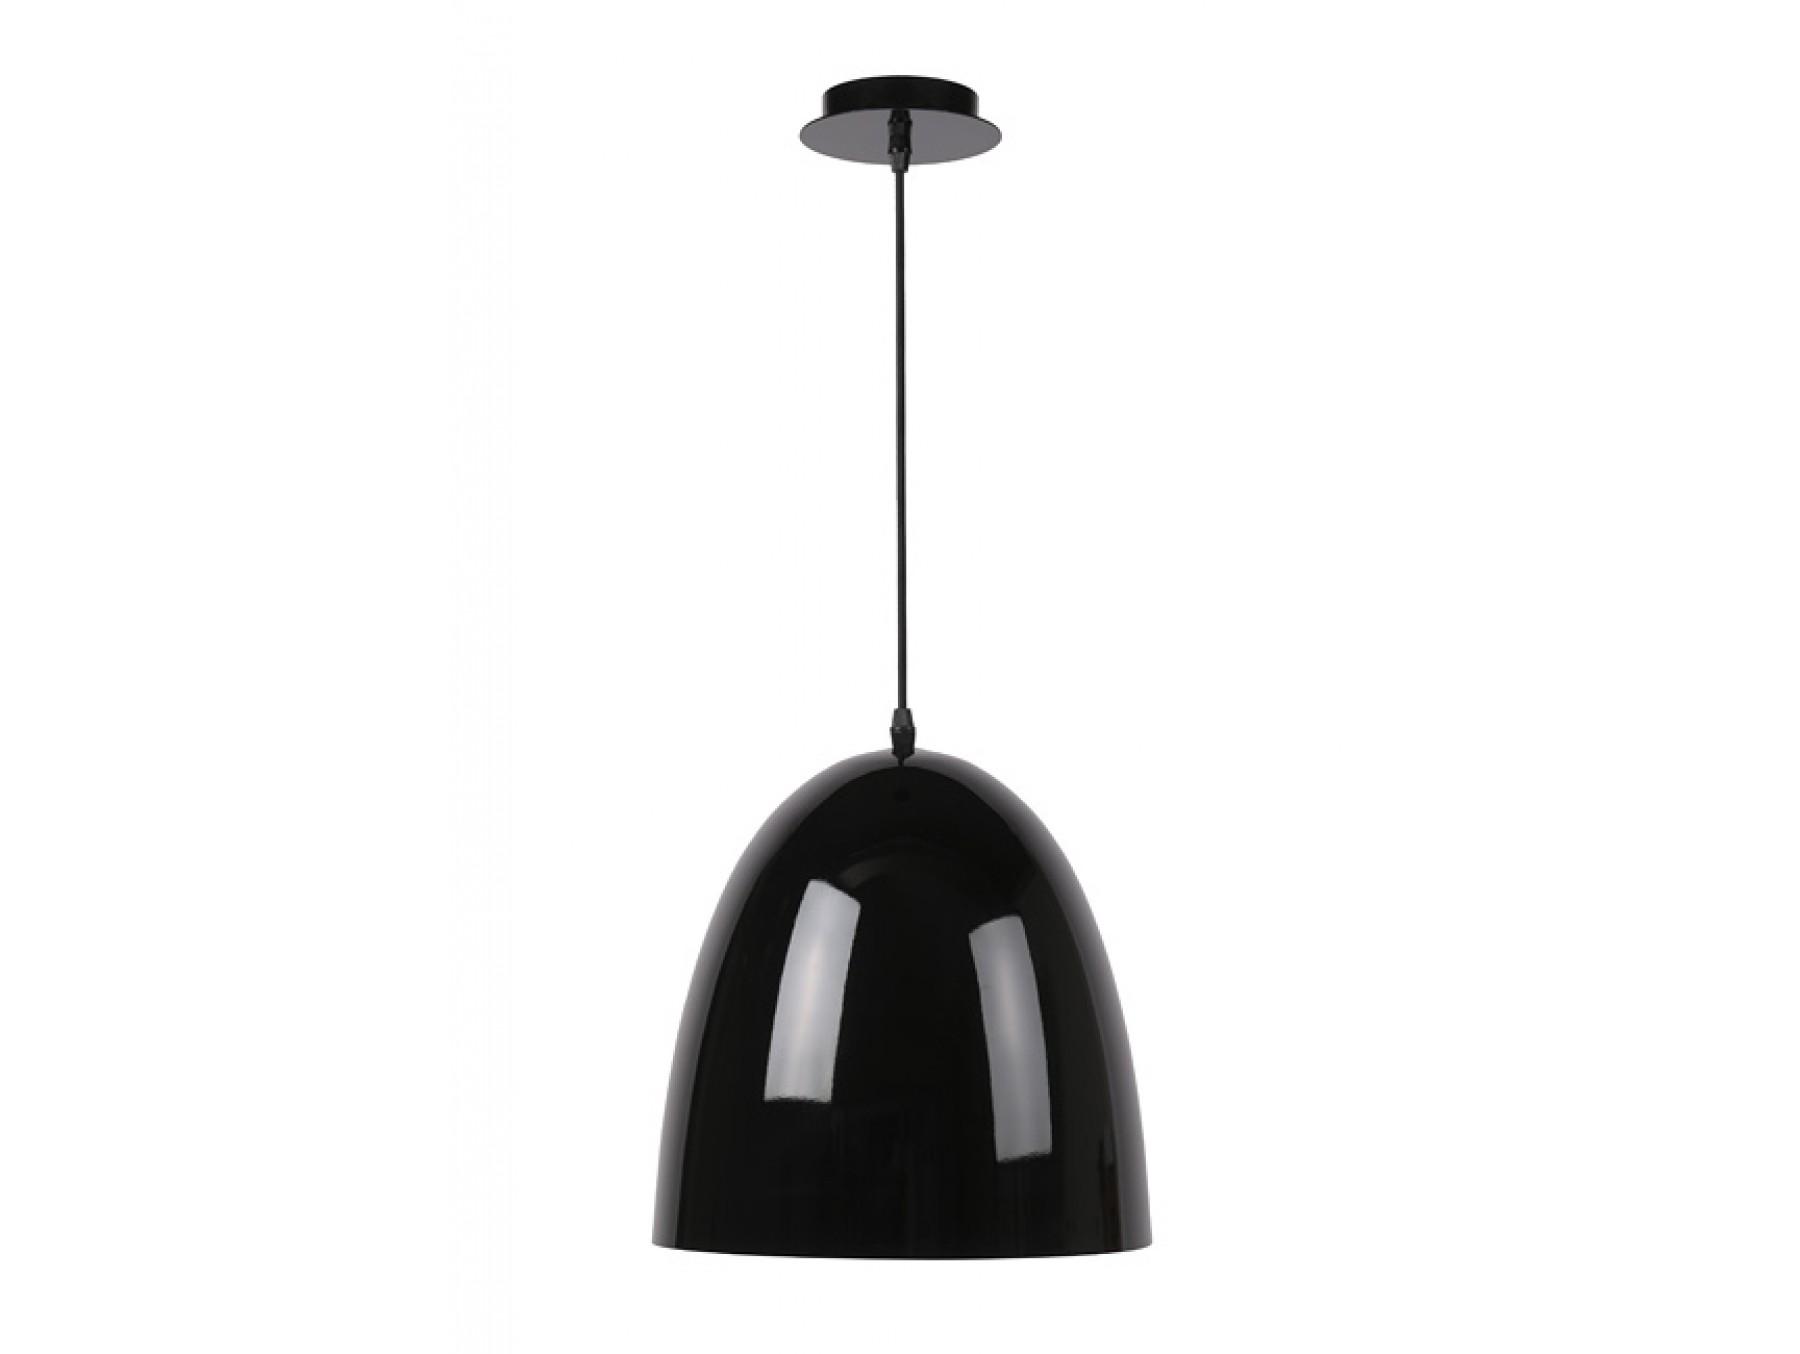 Подвесной светильник LOKOПодвесные светильники<br>основание: металл<br>плафон: металл/черный<br>диаметр: 30 см<br>высота: 120 см<br>Е27, 60W, 1 лампочка (в комплект не входит)<br><br>Material: Металл<br>Высота см: 120